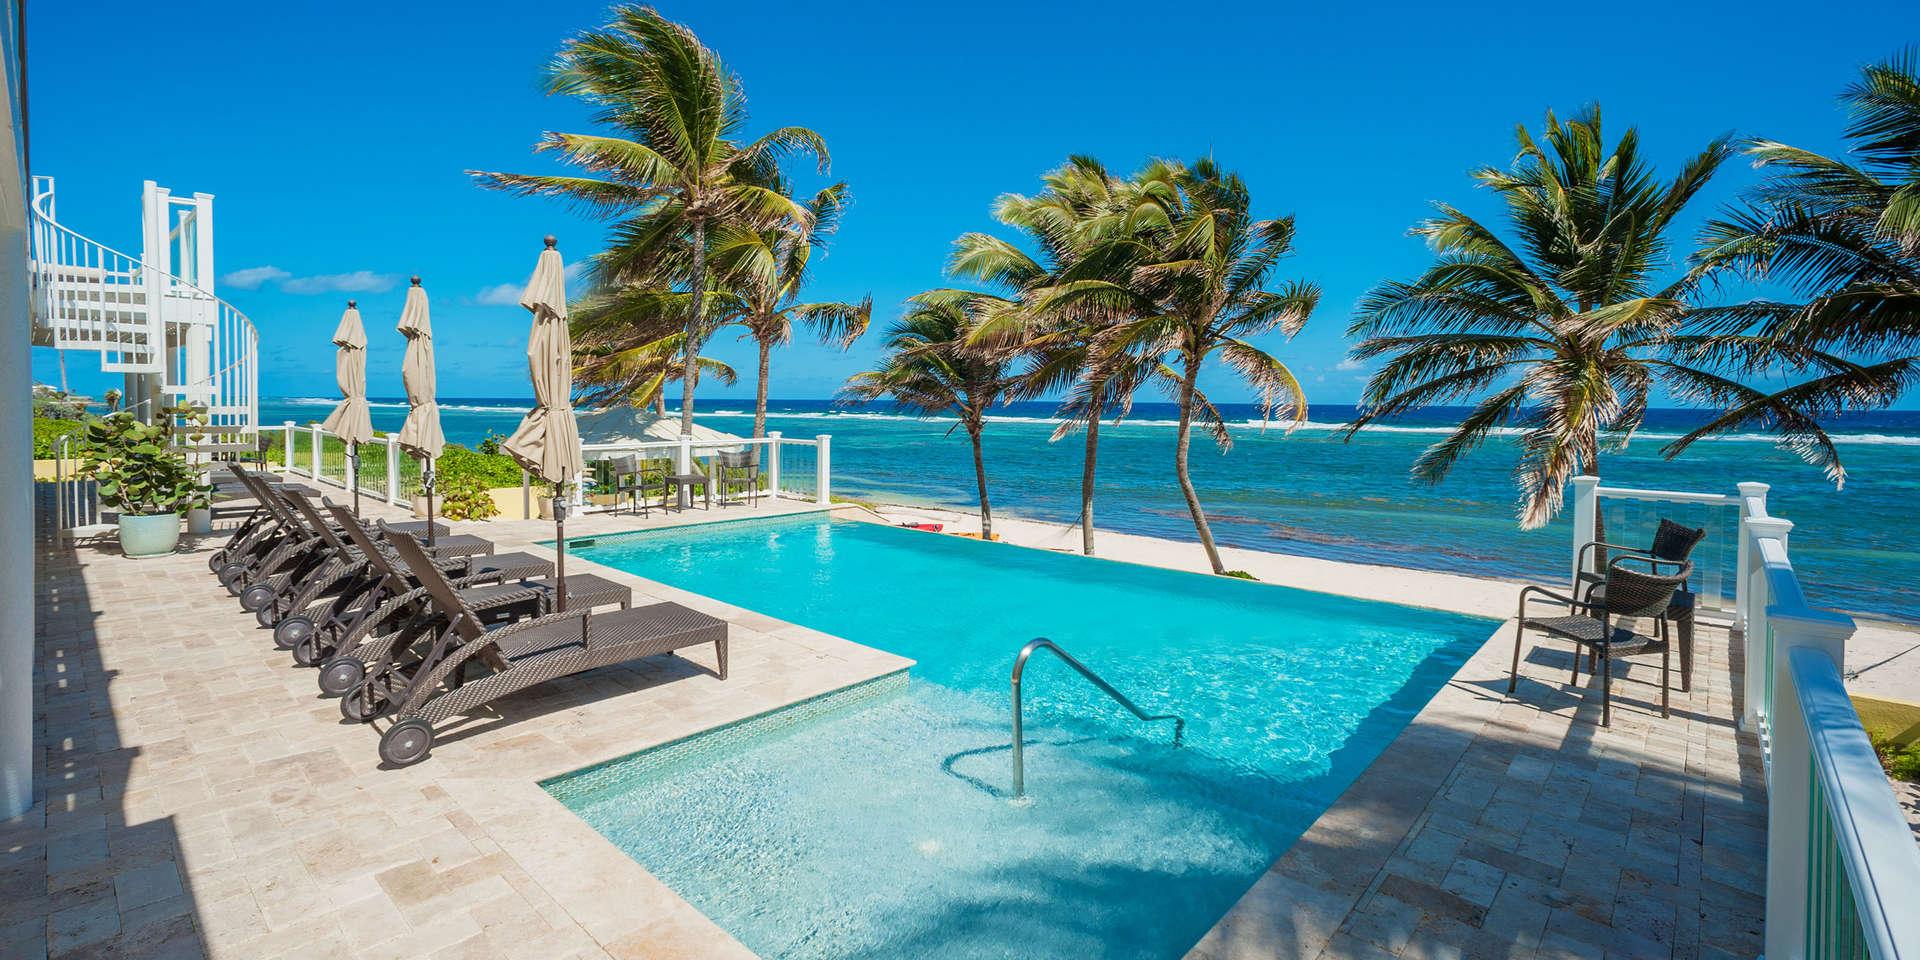 Luxury villa rentals caribbean - Cayman islands - Grand cayman - Rum point - Fischer's Reef - Image 1/29